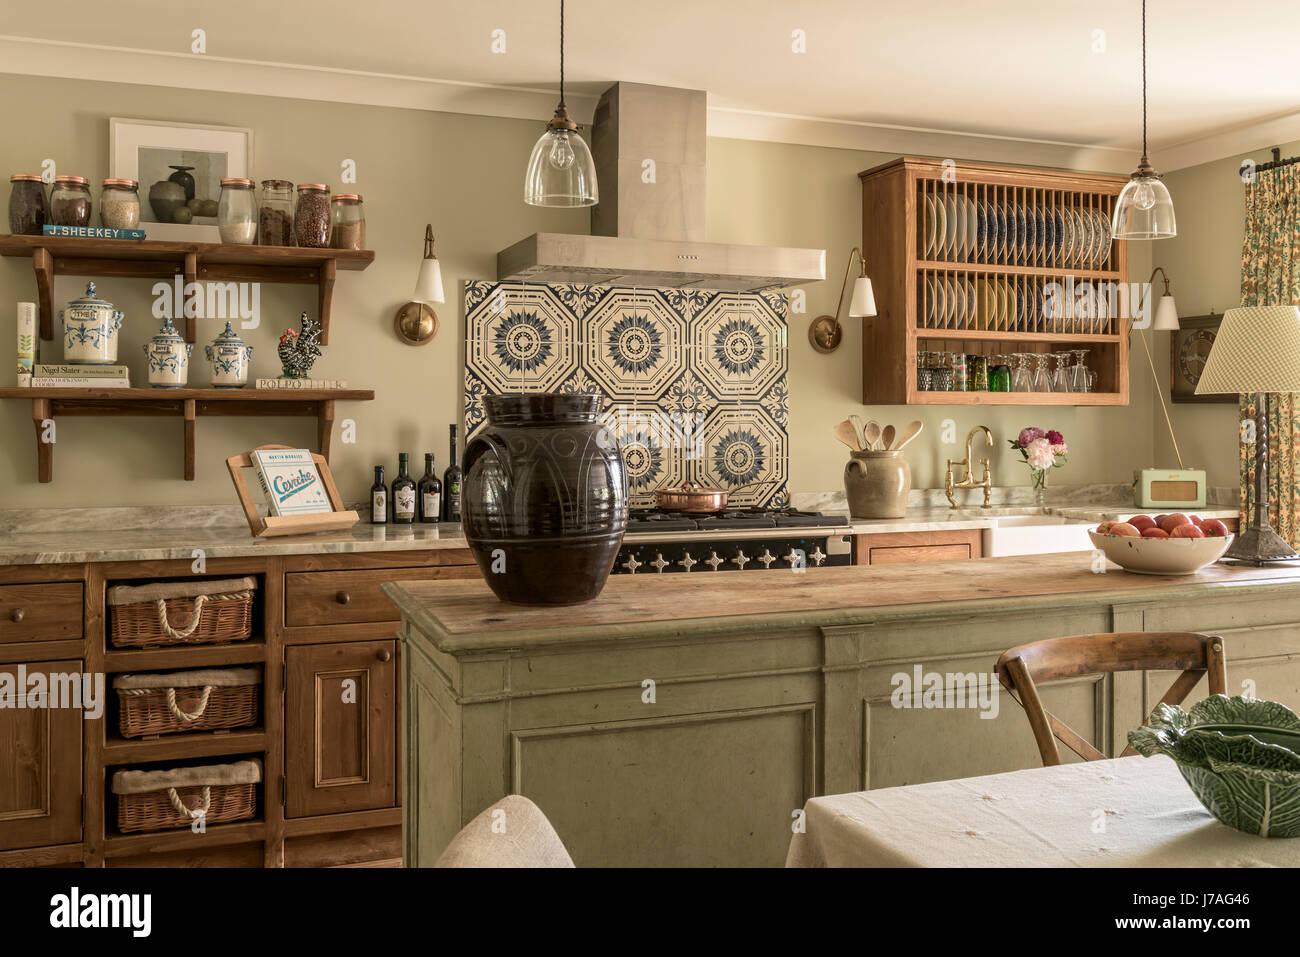 Gemütliche Küche alten minton fliesen oben küchenherd in elegante und gemütliche